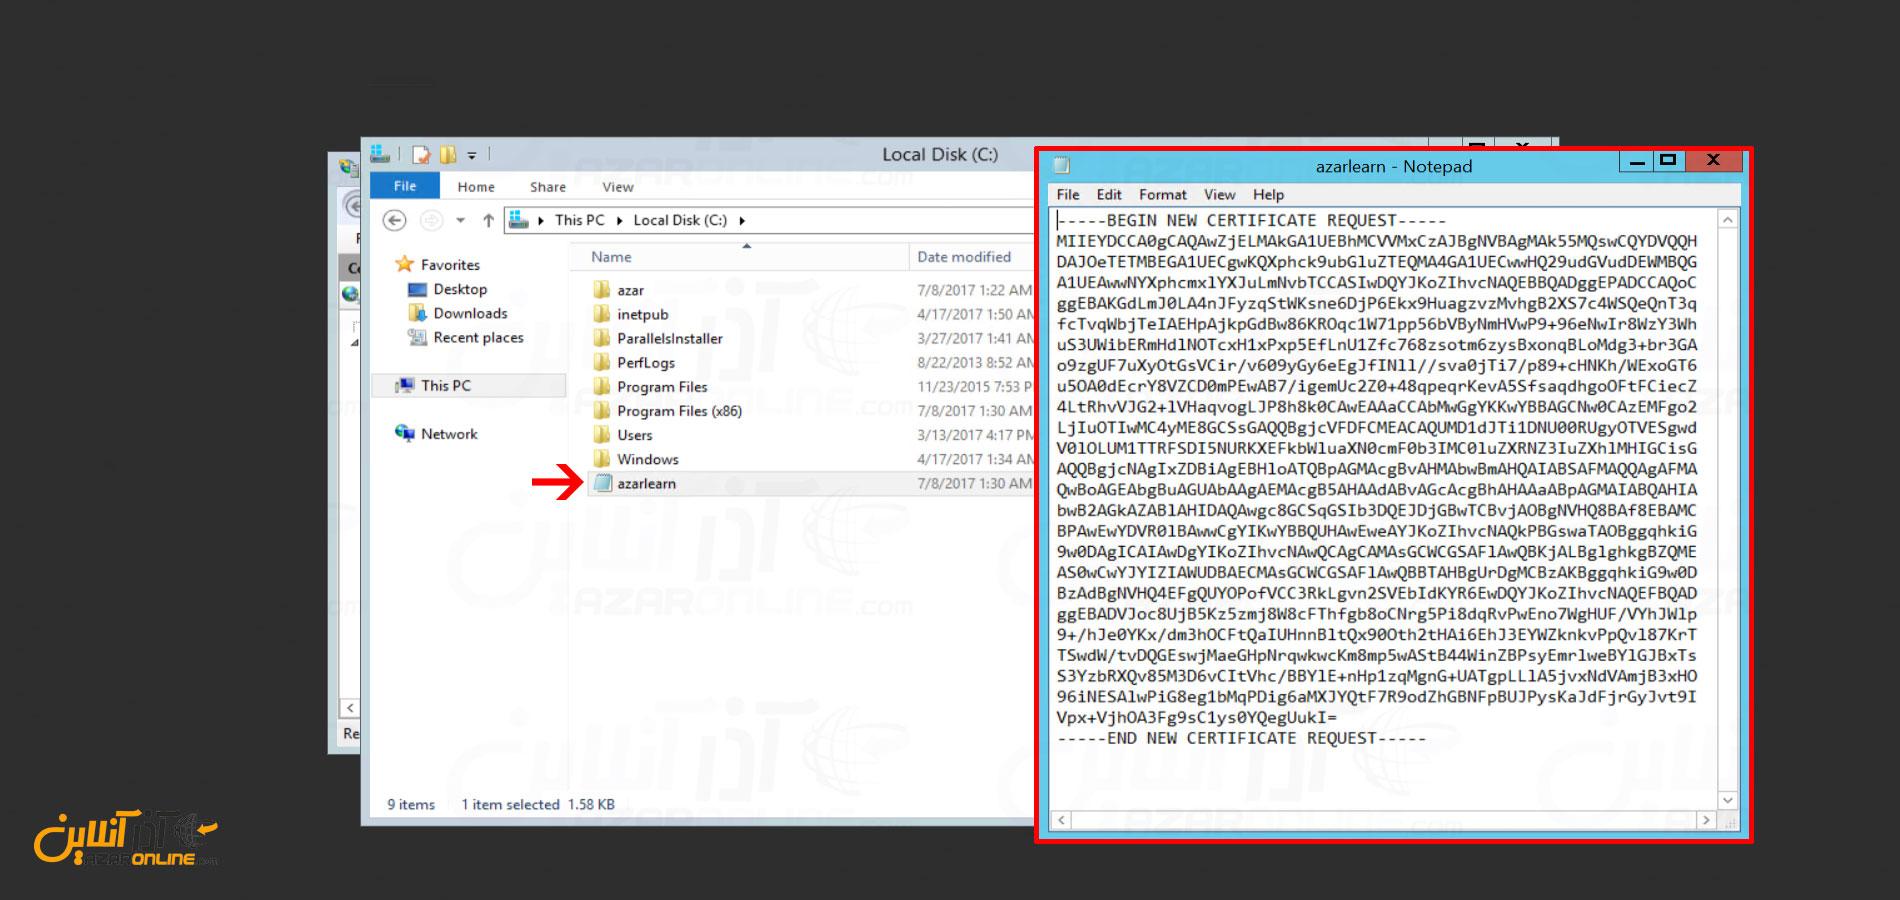 نمونه کد ذخیره شده